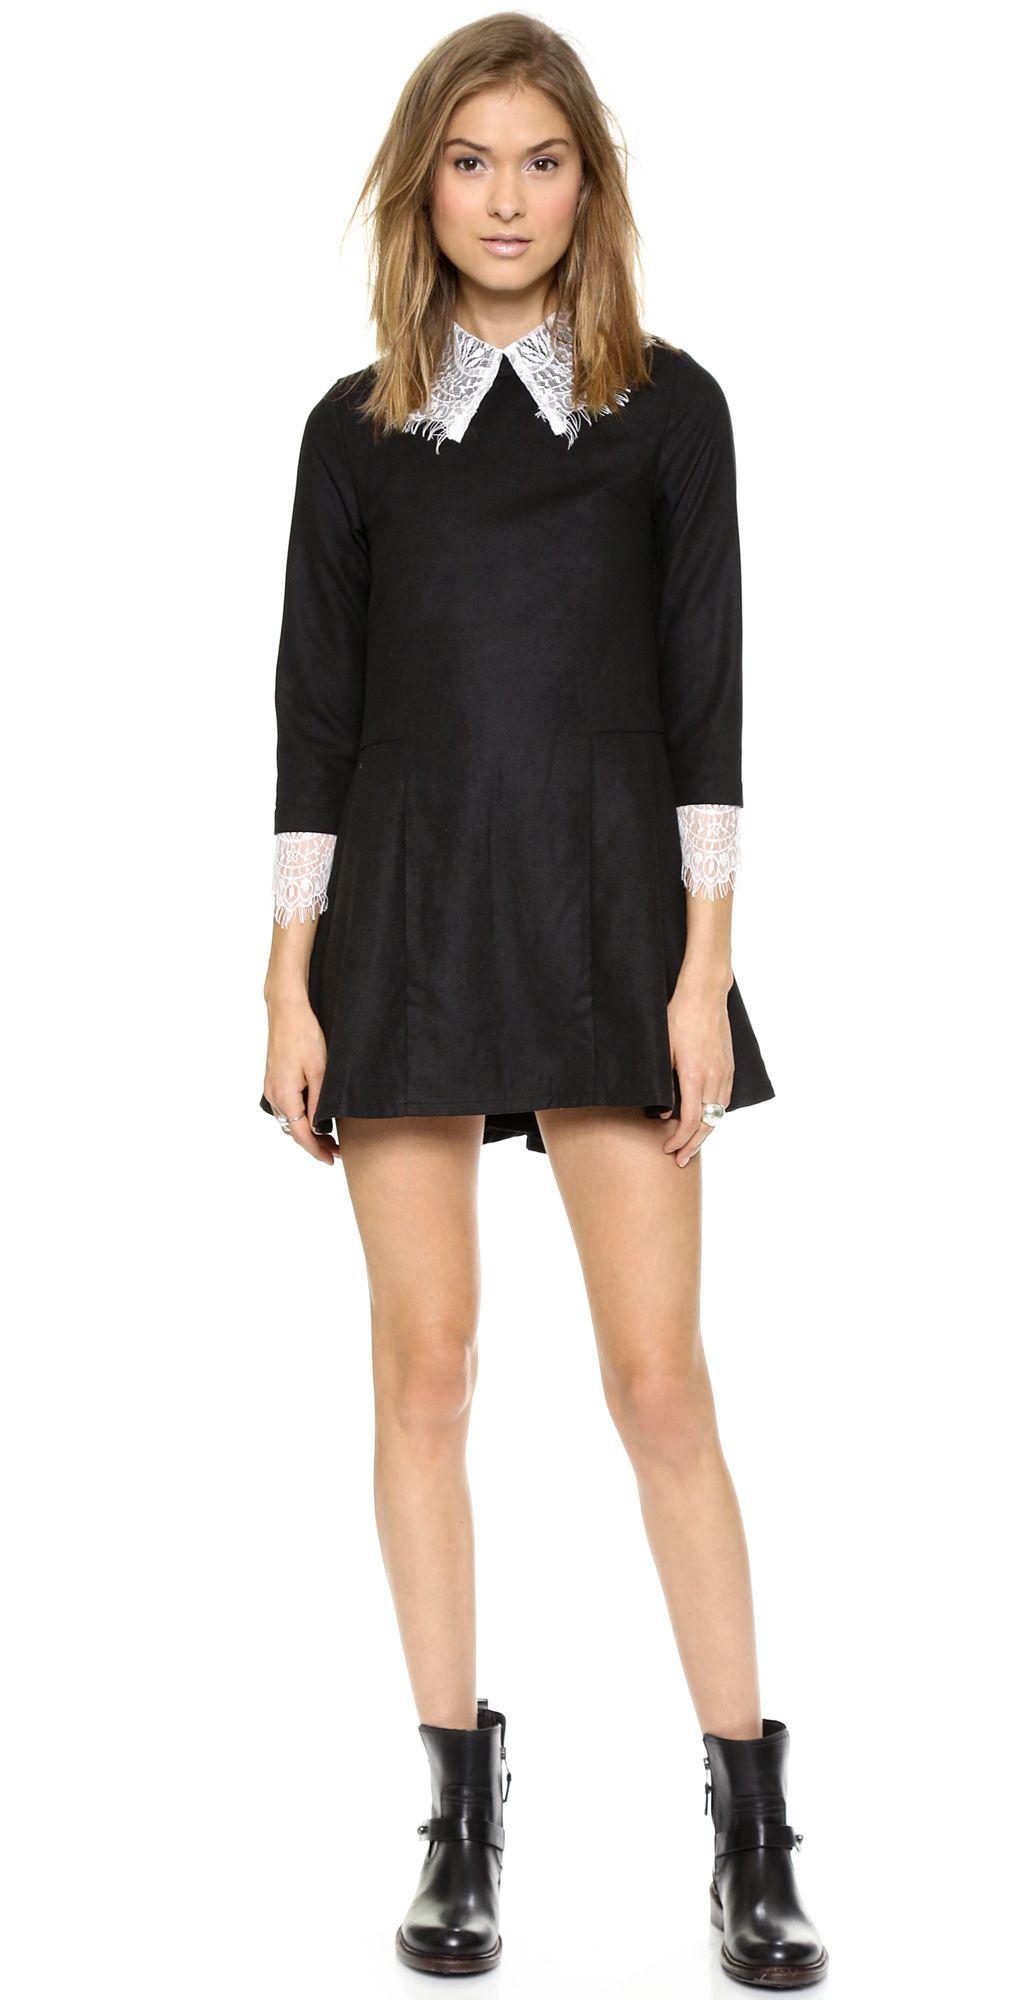 Unif Doll Dress Shopbop Designer Dresses Casual Fashion Clothes Design [ 2000 x 1016 Pixel ]